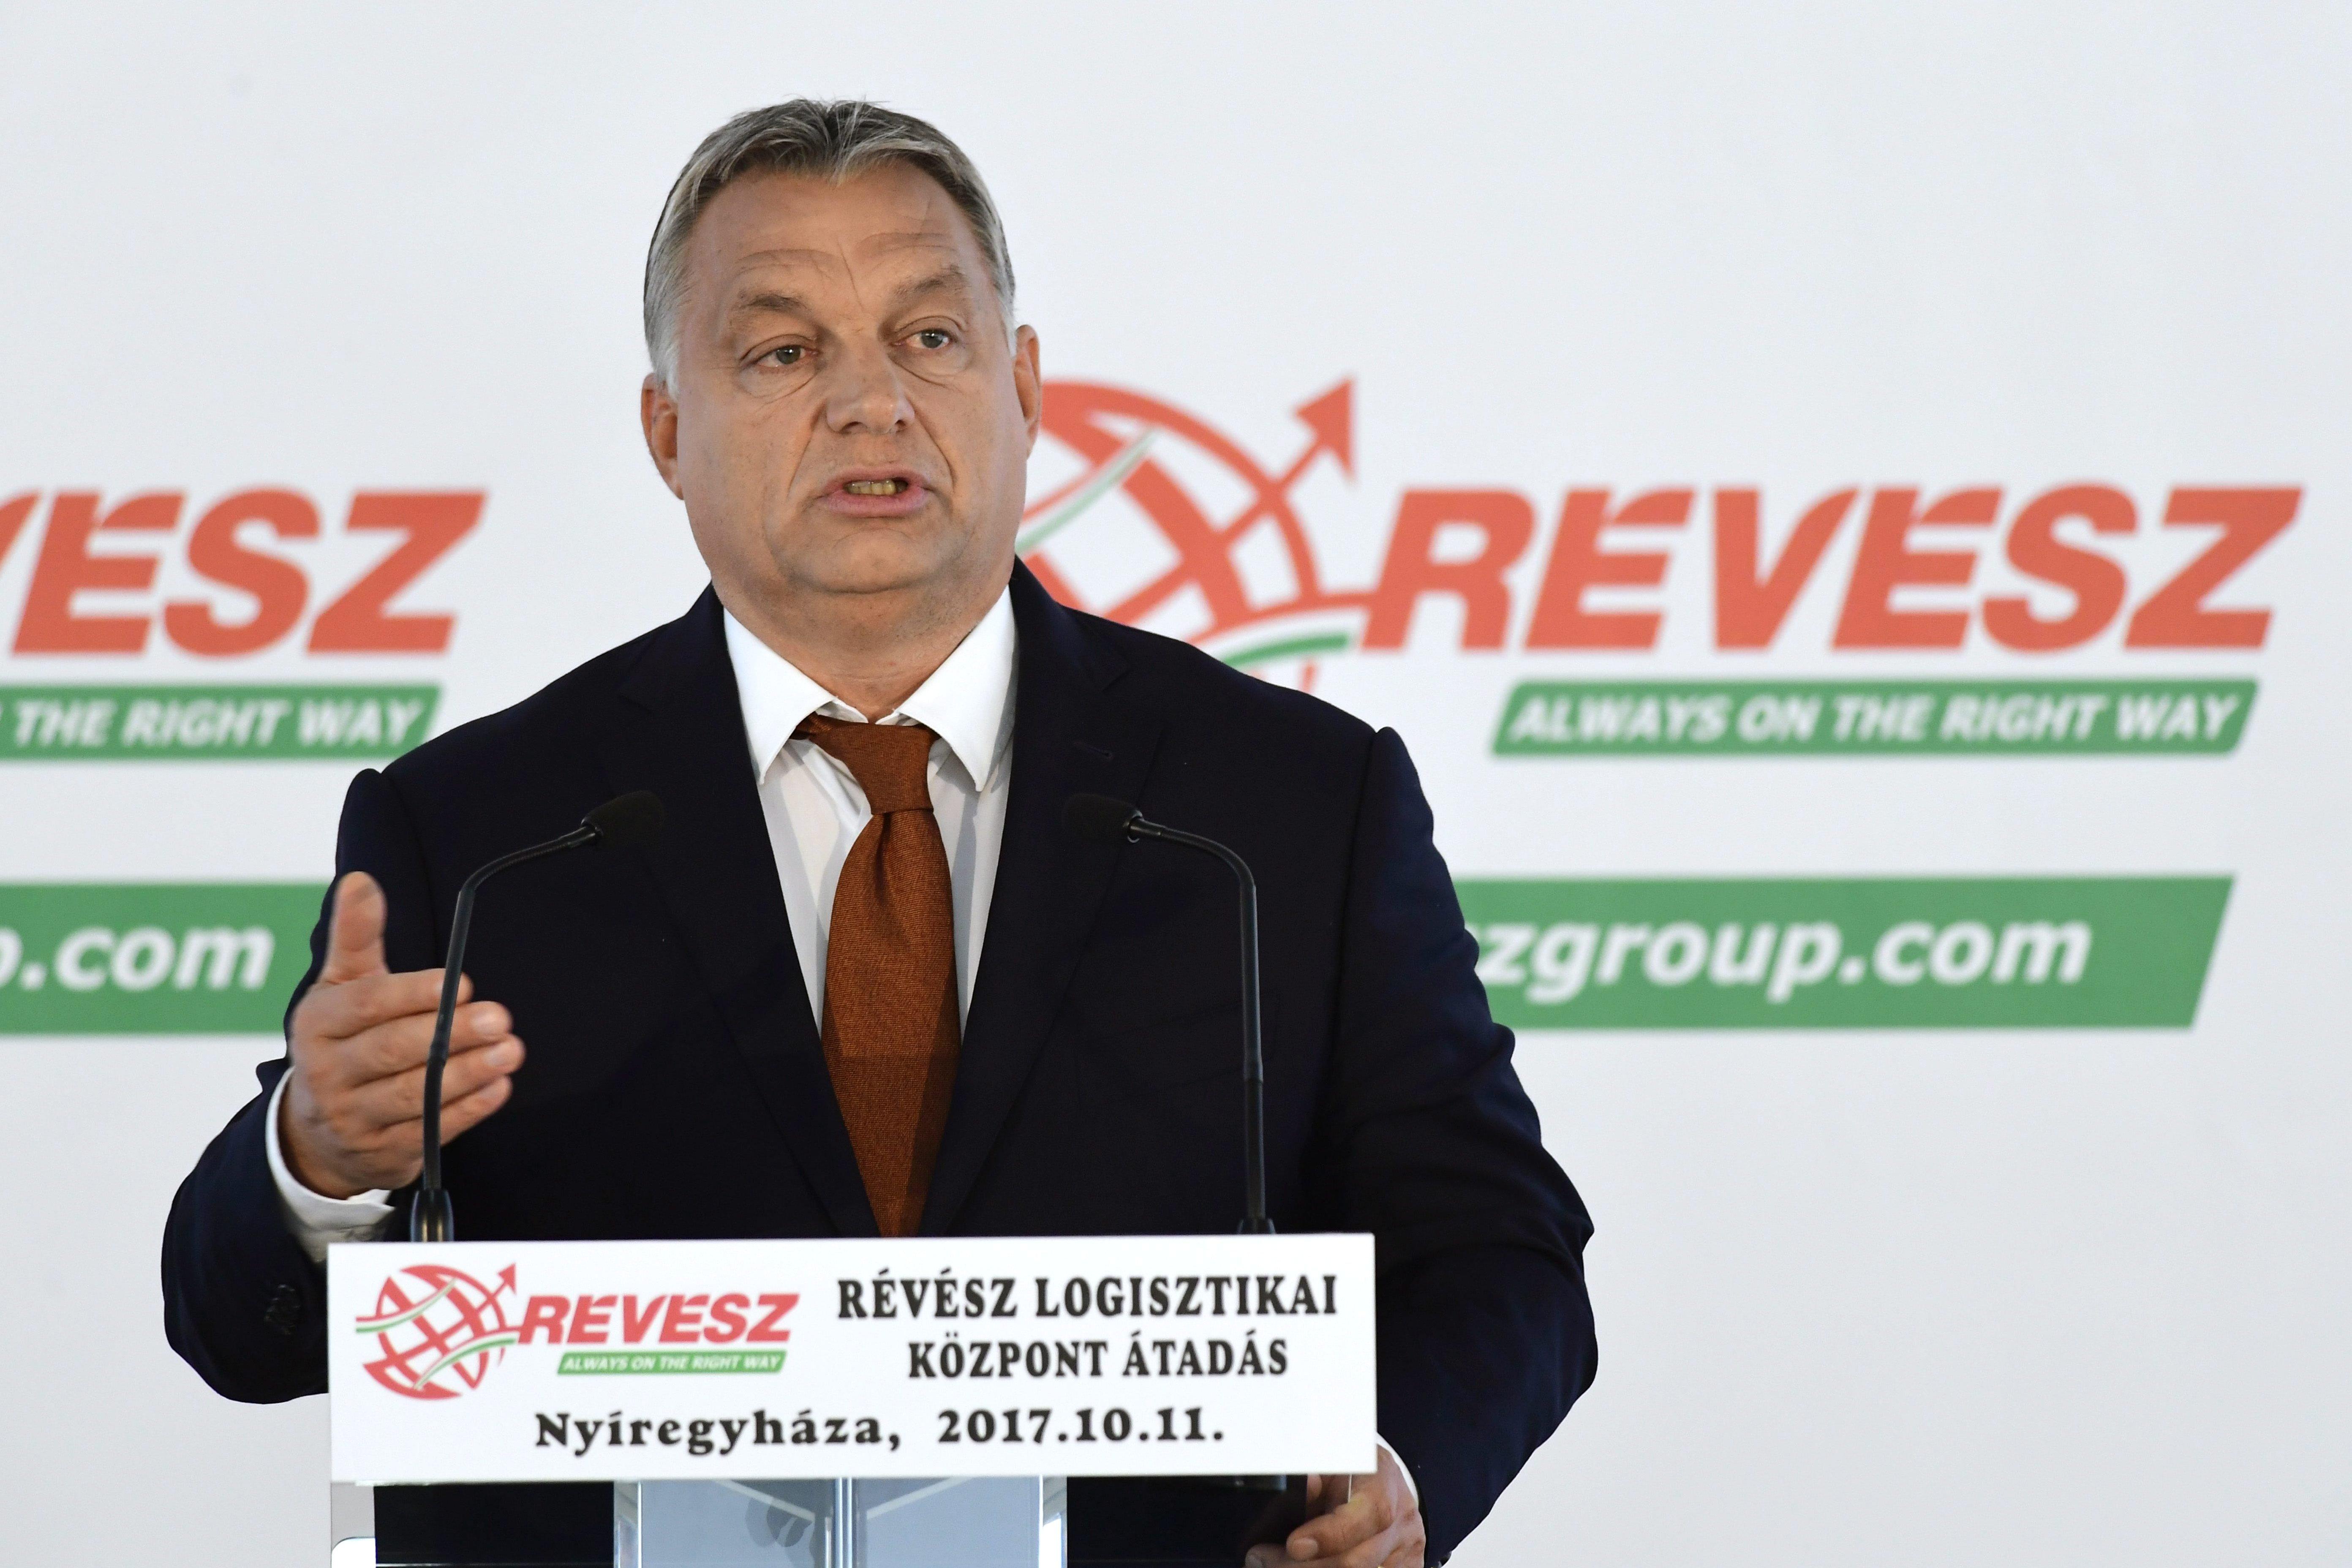 Orbán: Rövid beszéd, hosszú kolbász